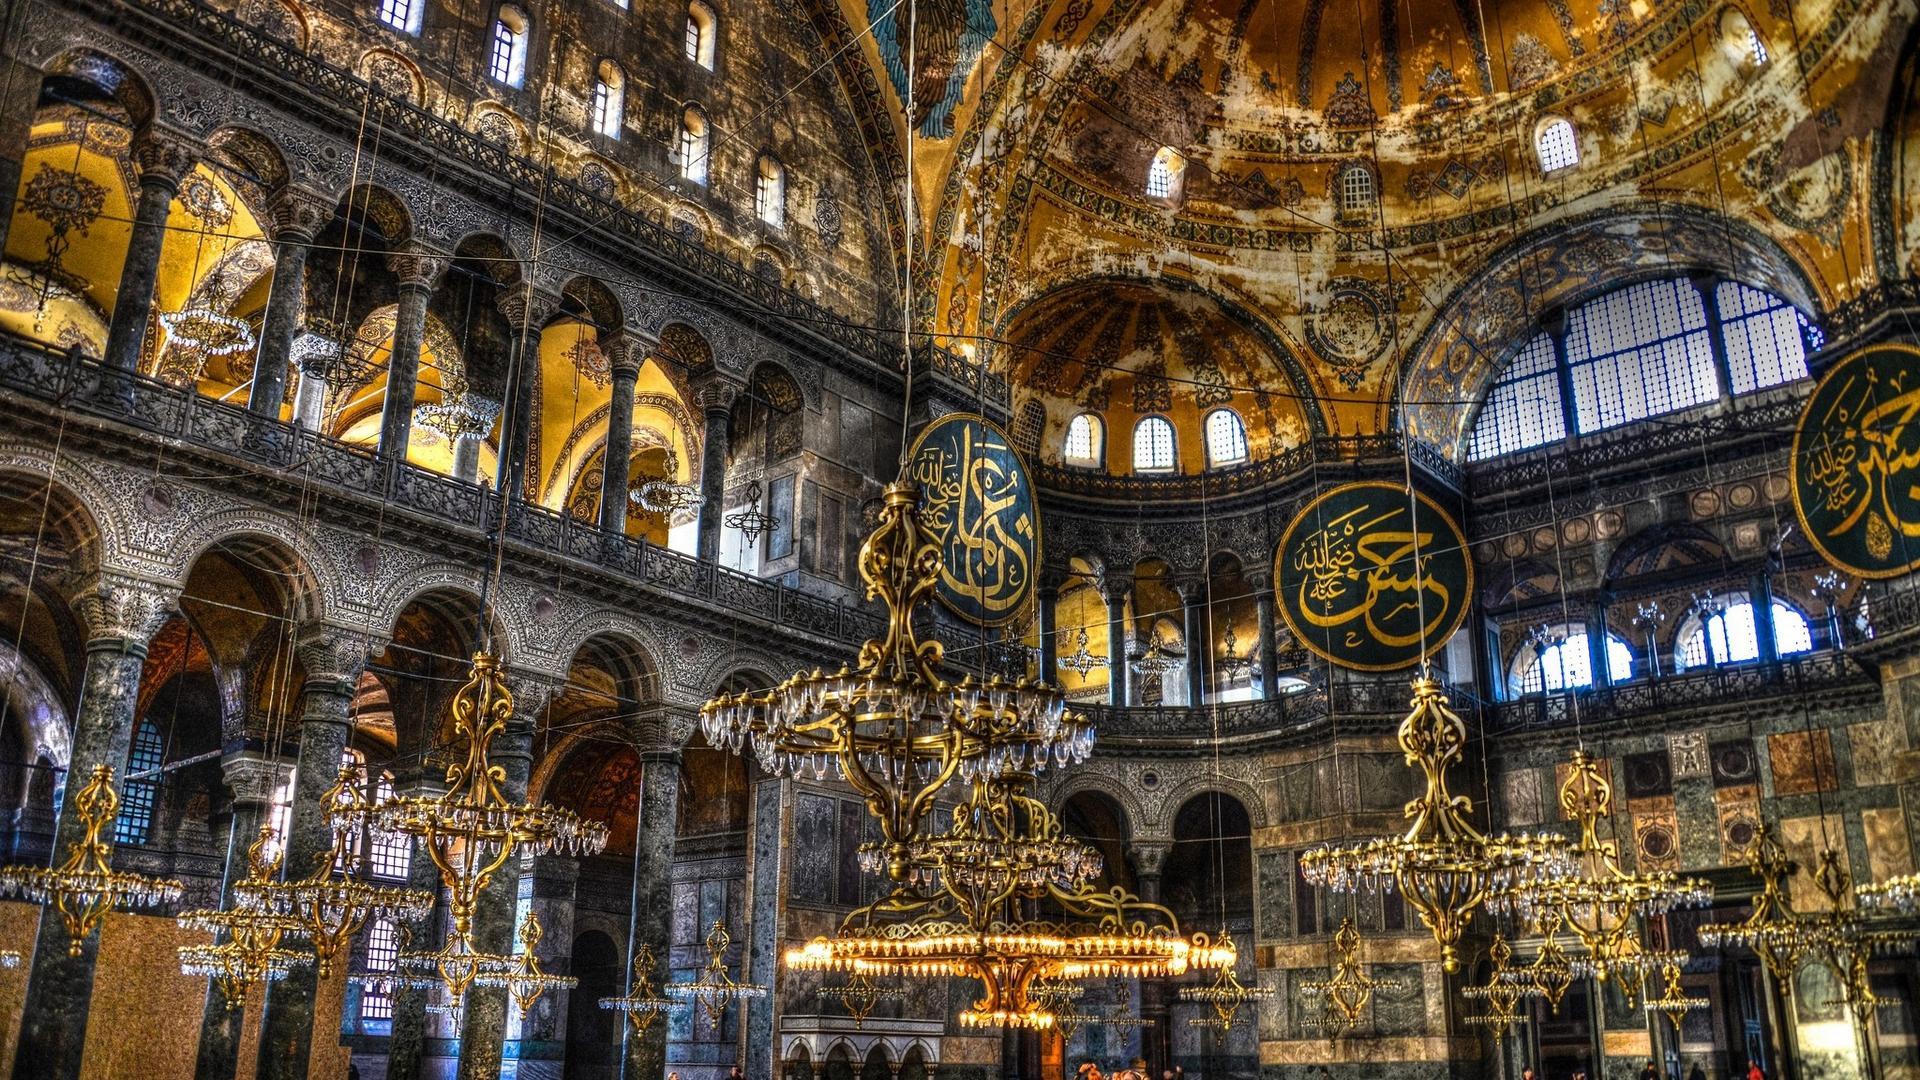 страны архитектура Стамбул Турция country architecture Istanbul Turkey загрузить